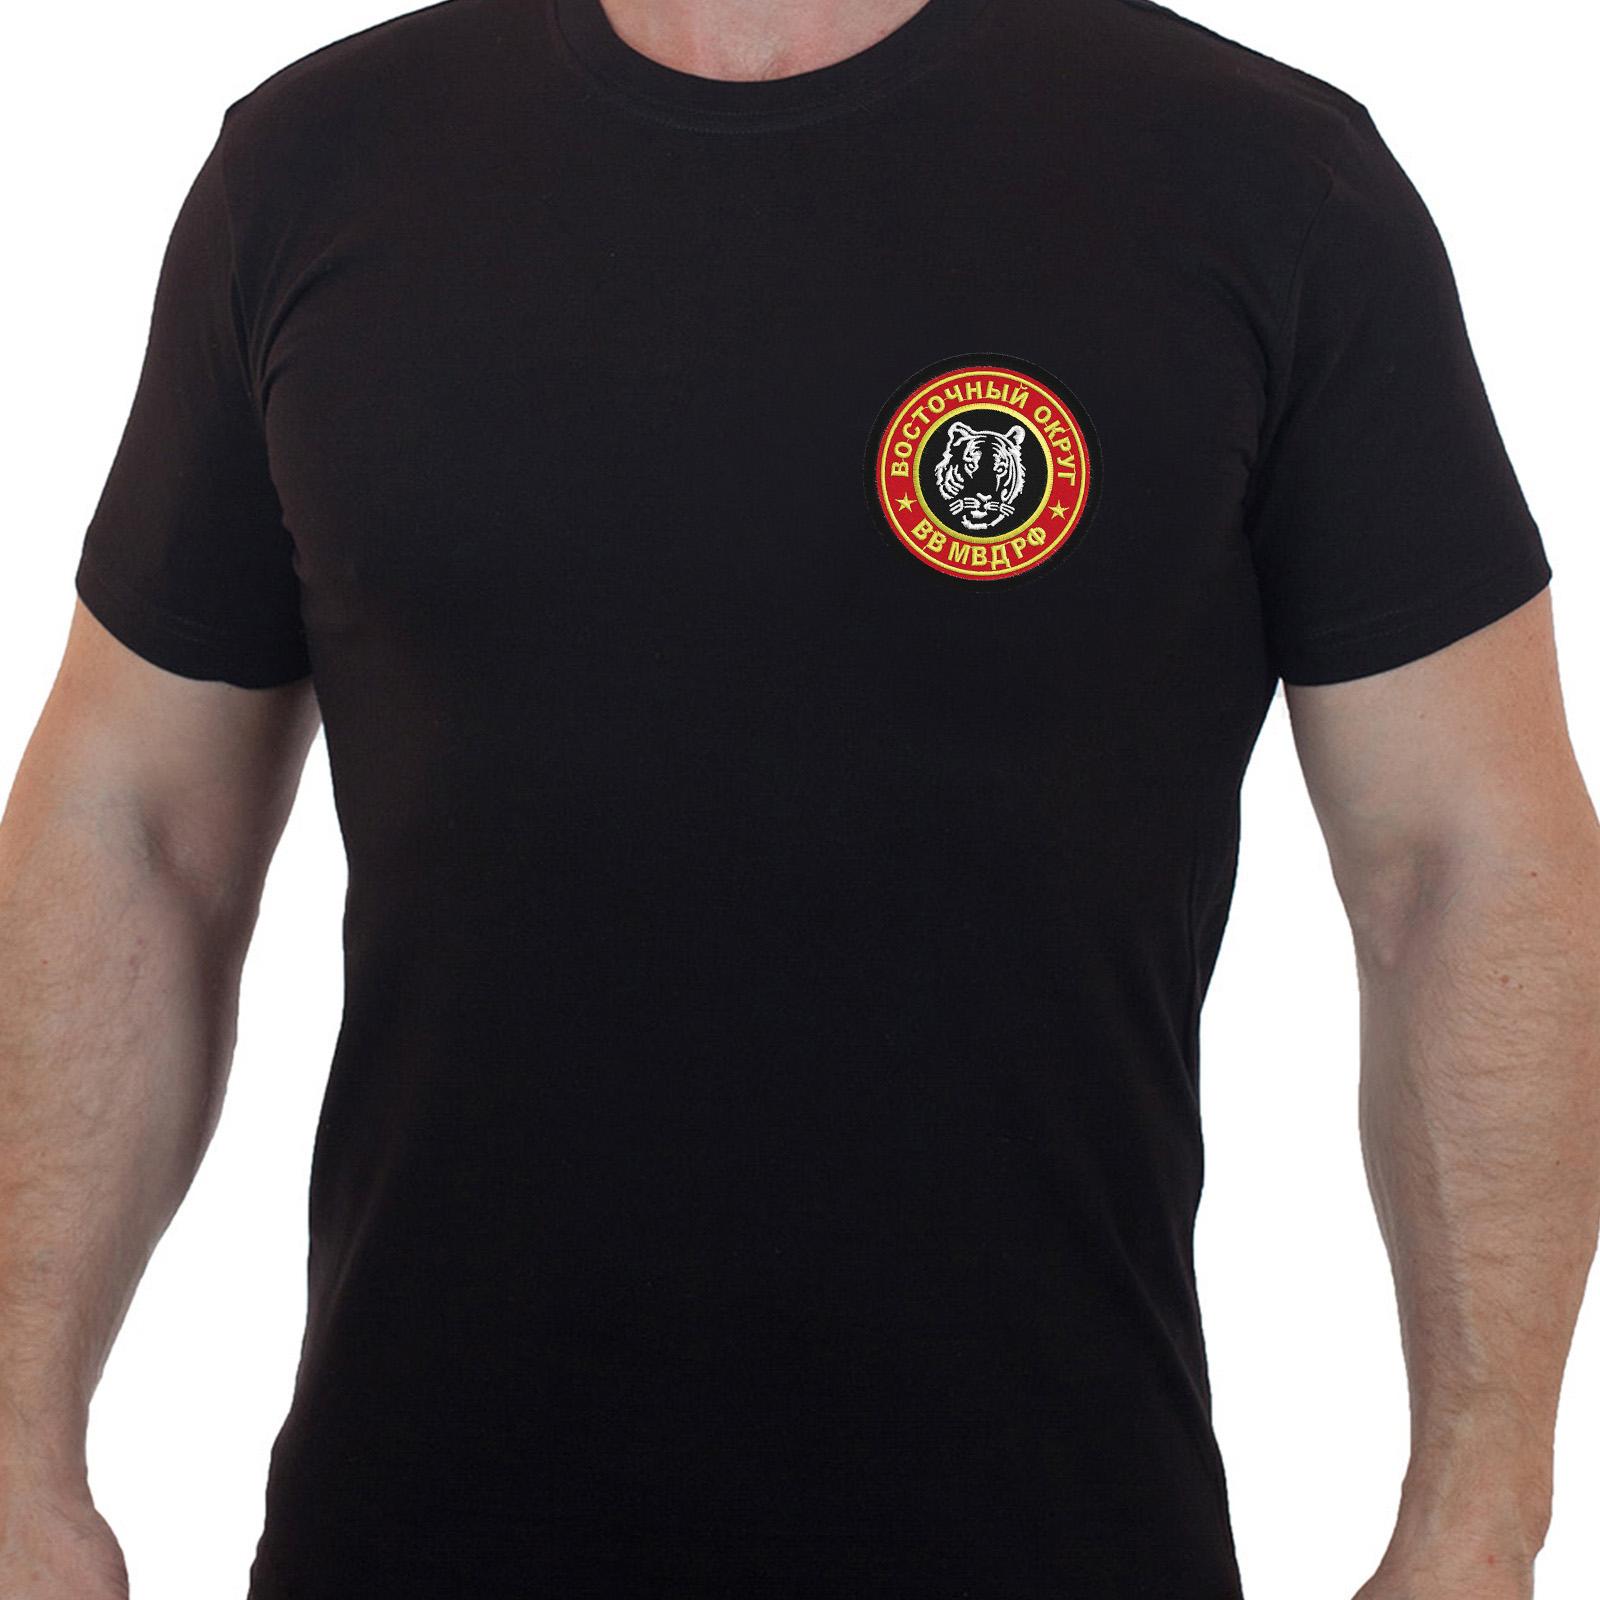 Лаконичная футболка с вышитым шевроном Восточный Округ ВВ МВД